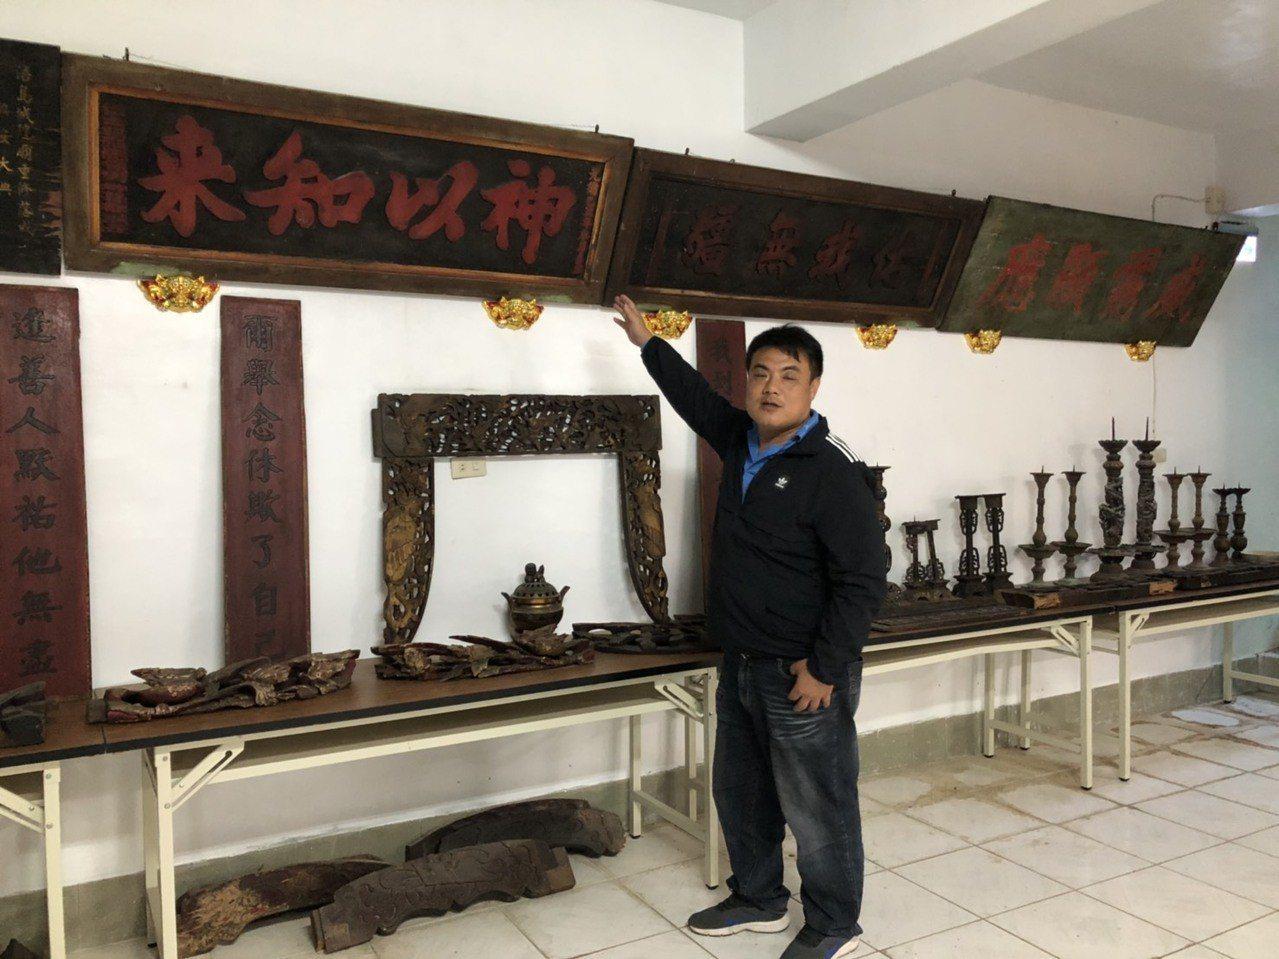 金門縣文化局舉辦「金門浯島城隍廟典藏文物特展」,牆上的匾額有多個都是清光緒年間,...